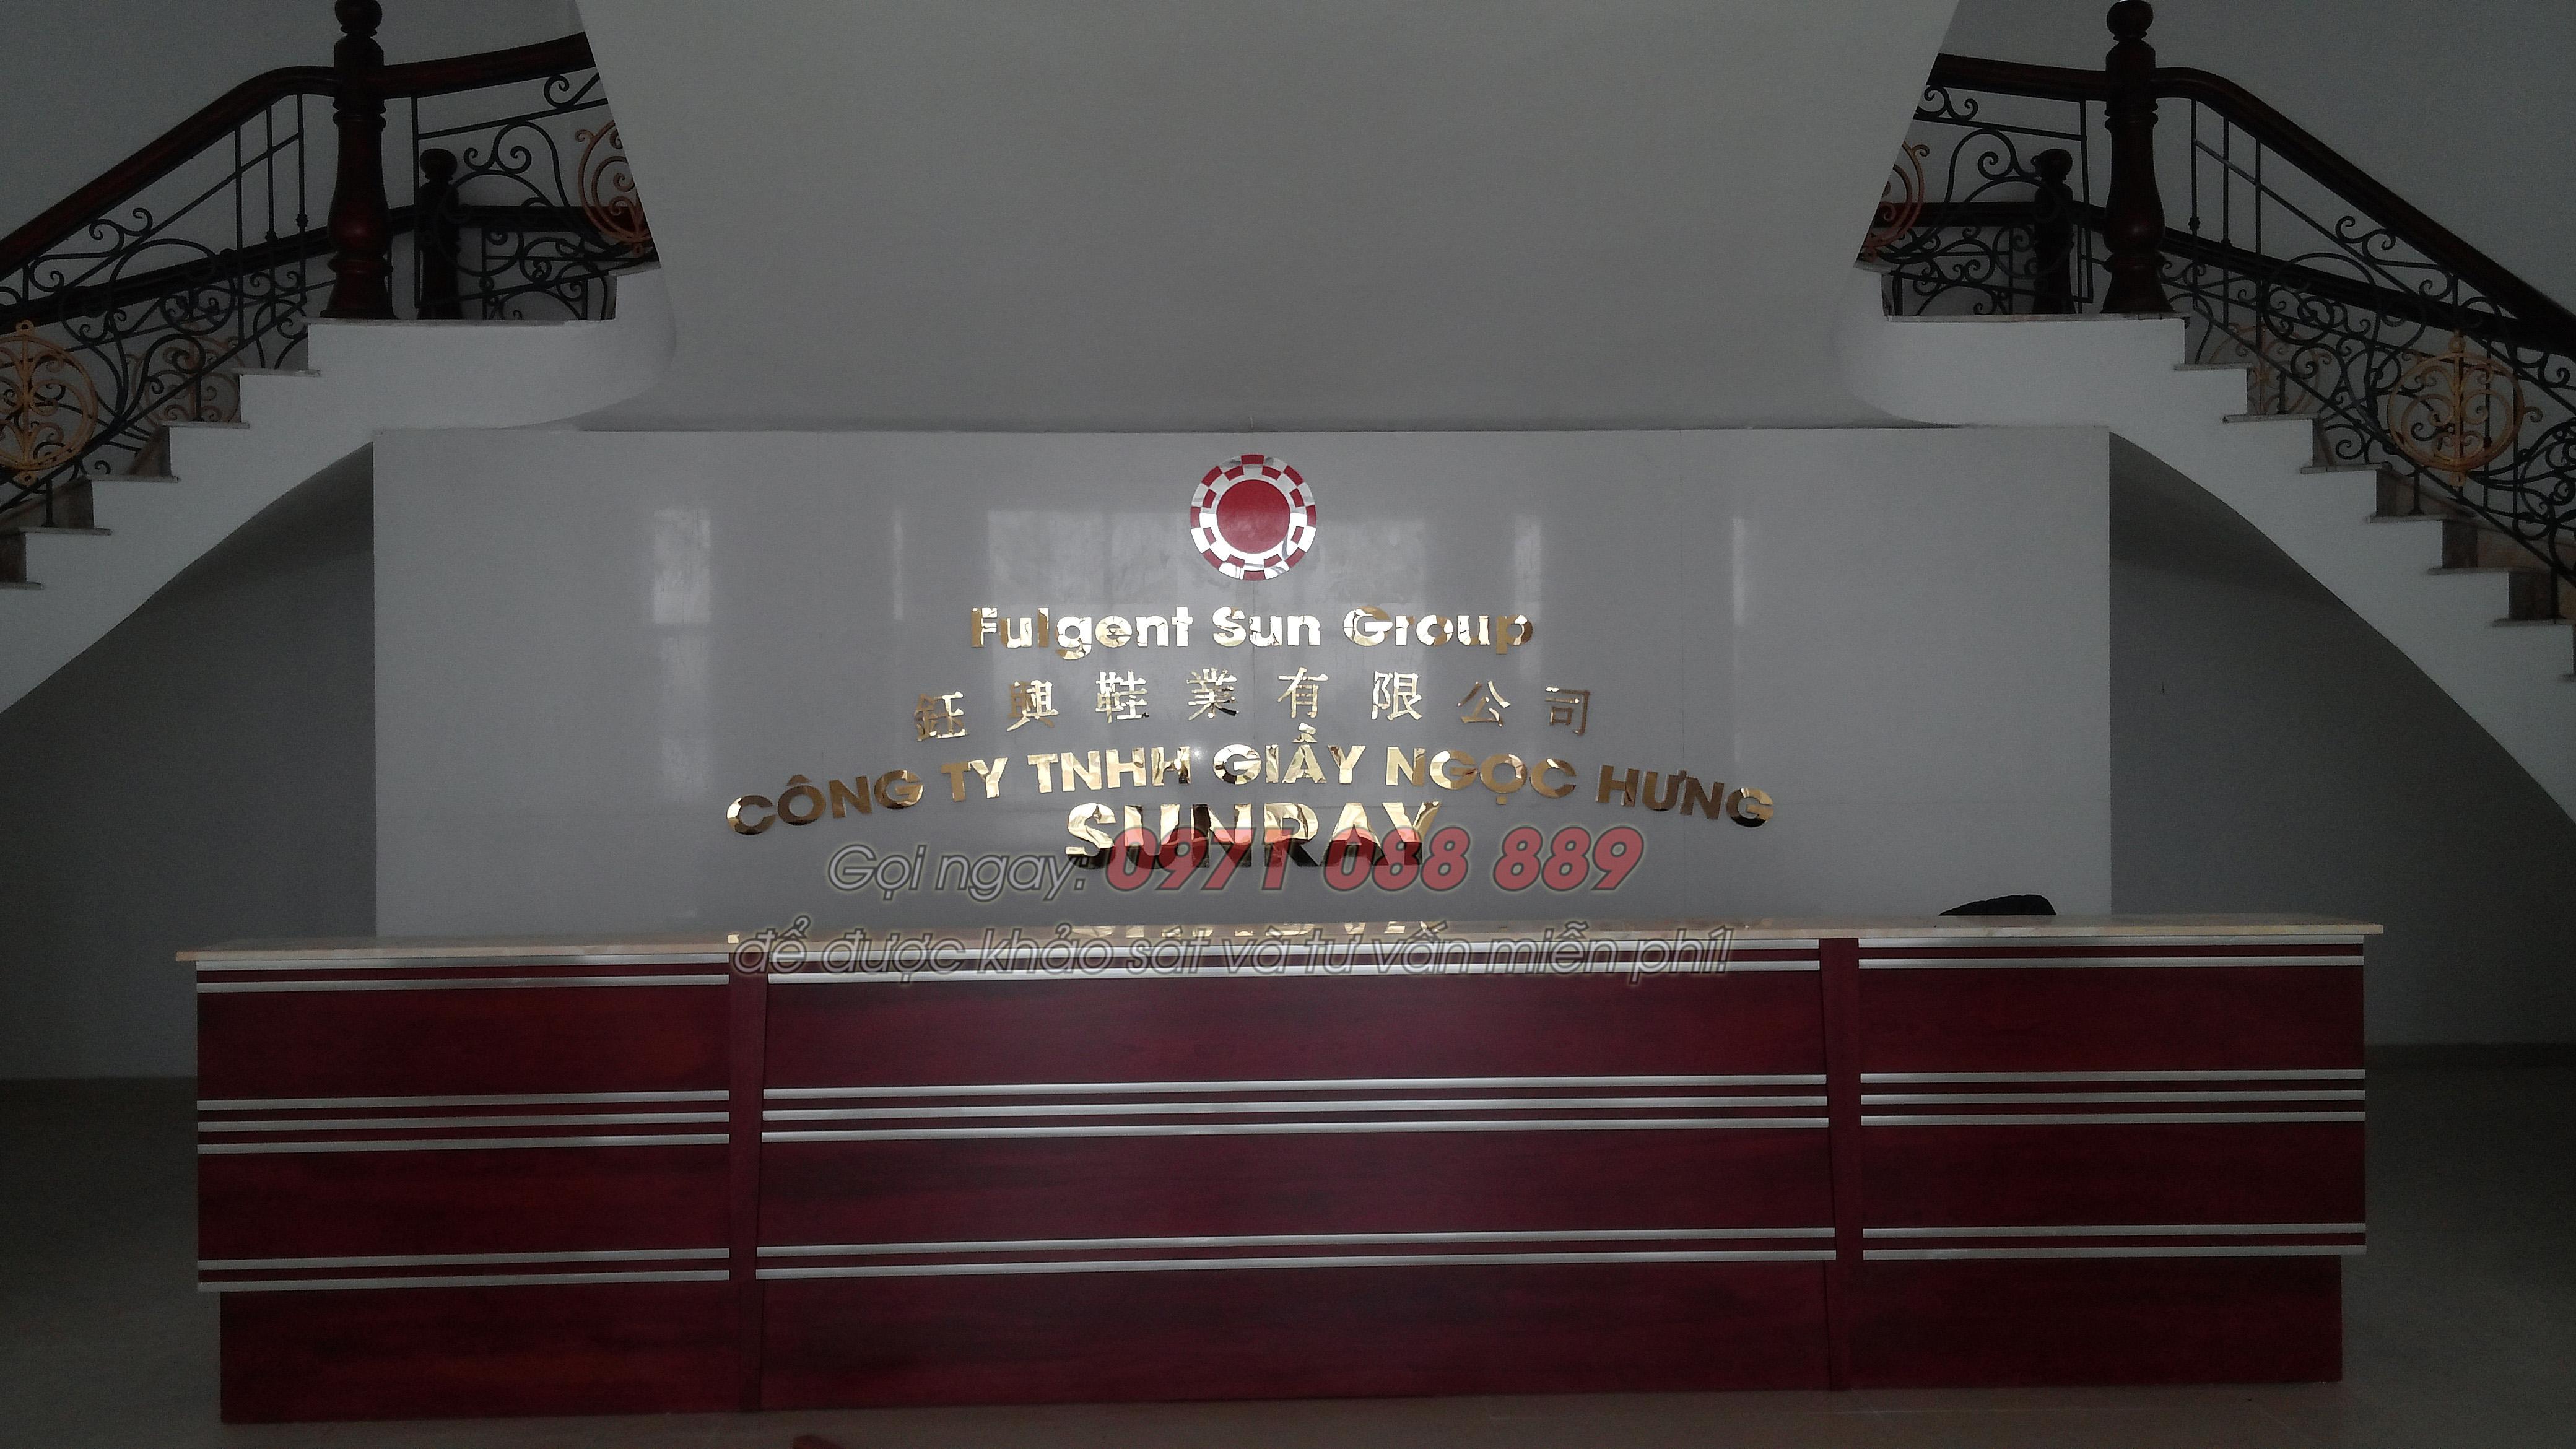 Bộ chữ inox Làm biển công ty bằng chữ inox giá rẻ Hà Nội